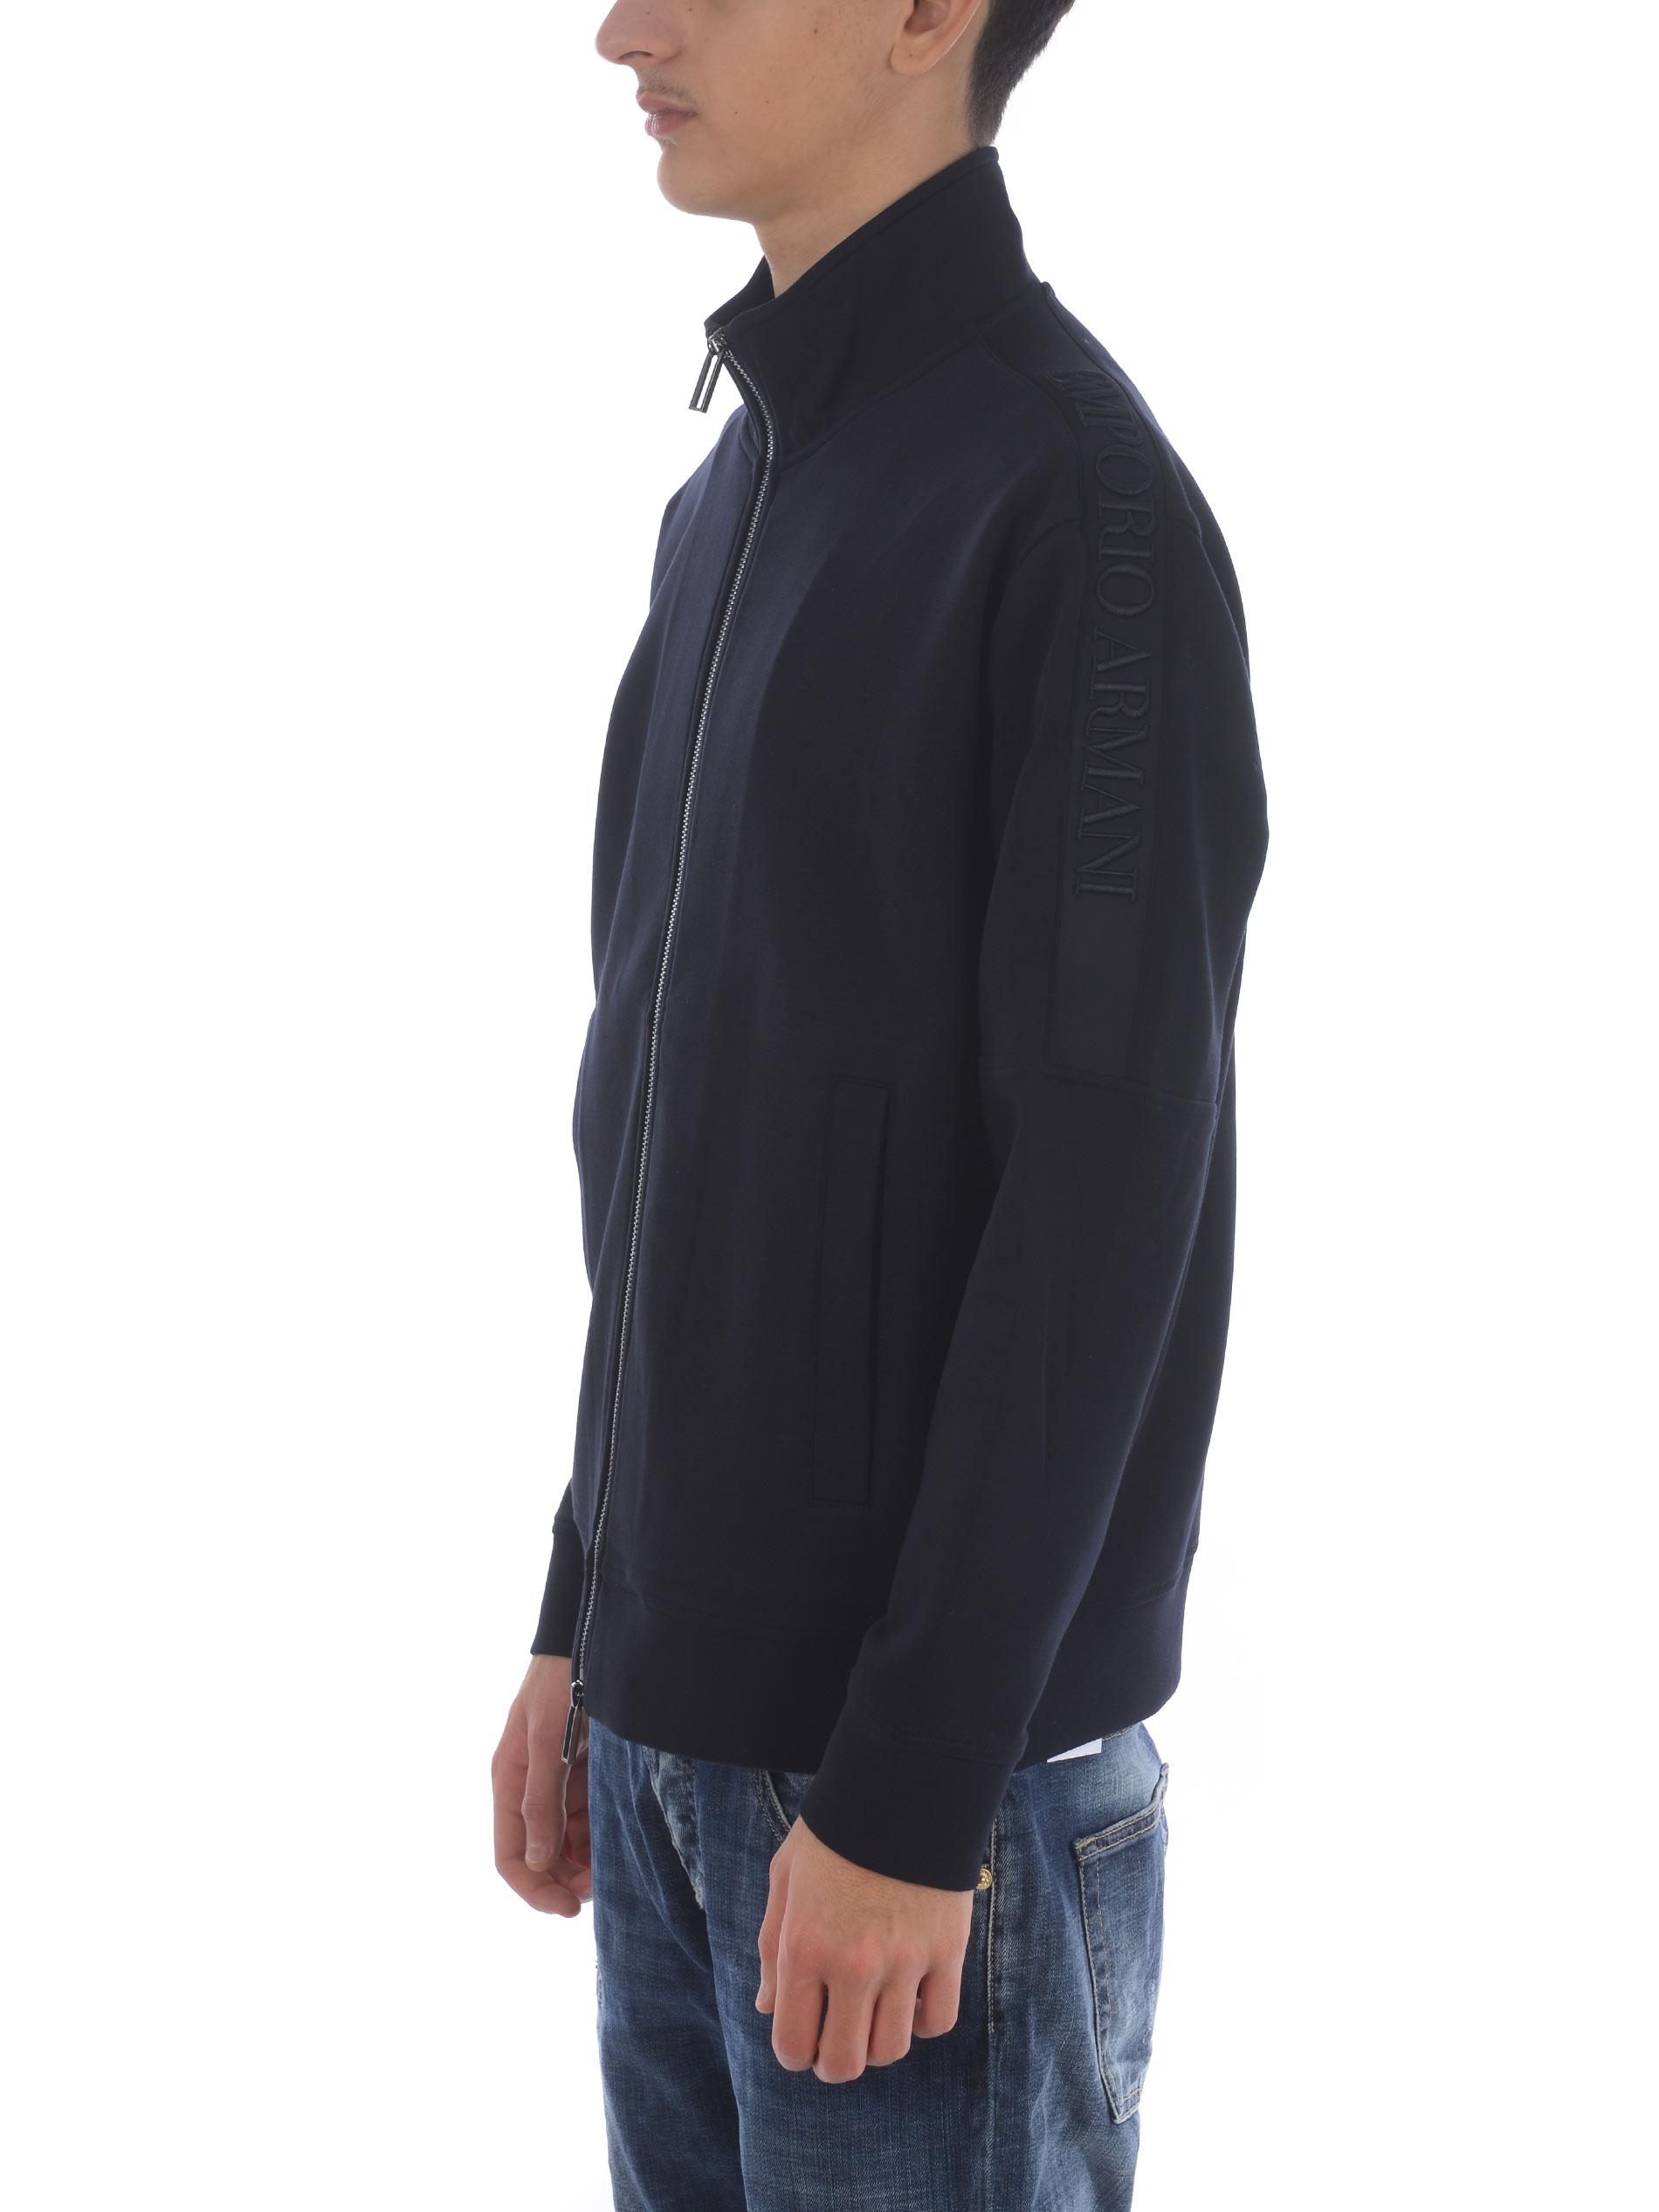 Felpa Emporio Armani in misto cotone stretch EMPORIO ARMANI | 10000005 | 3K1MF41JHSZ-0920